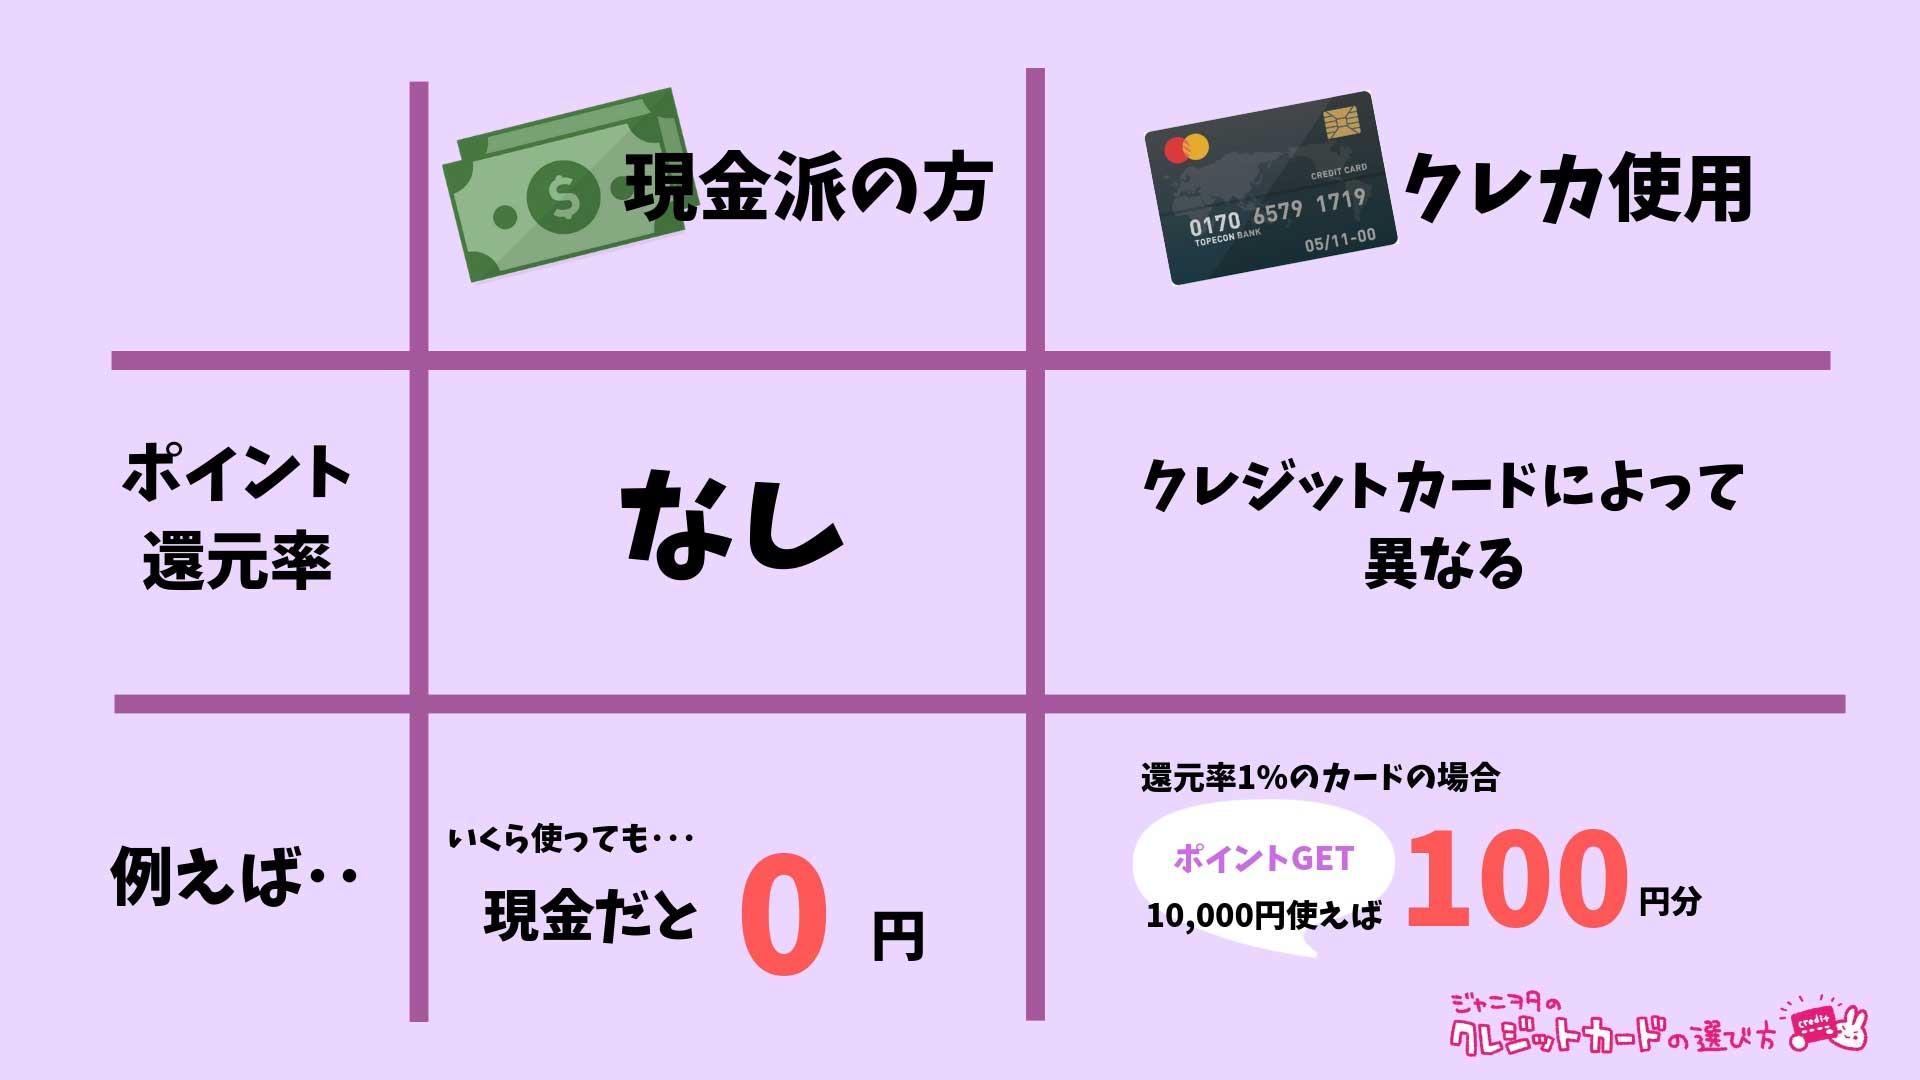 クレジットカードは節約